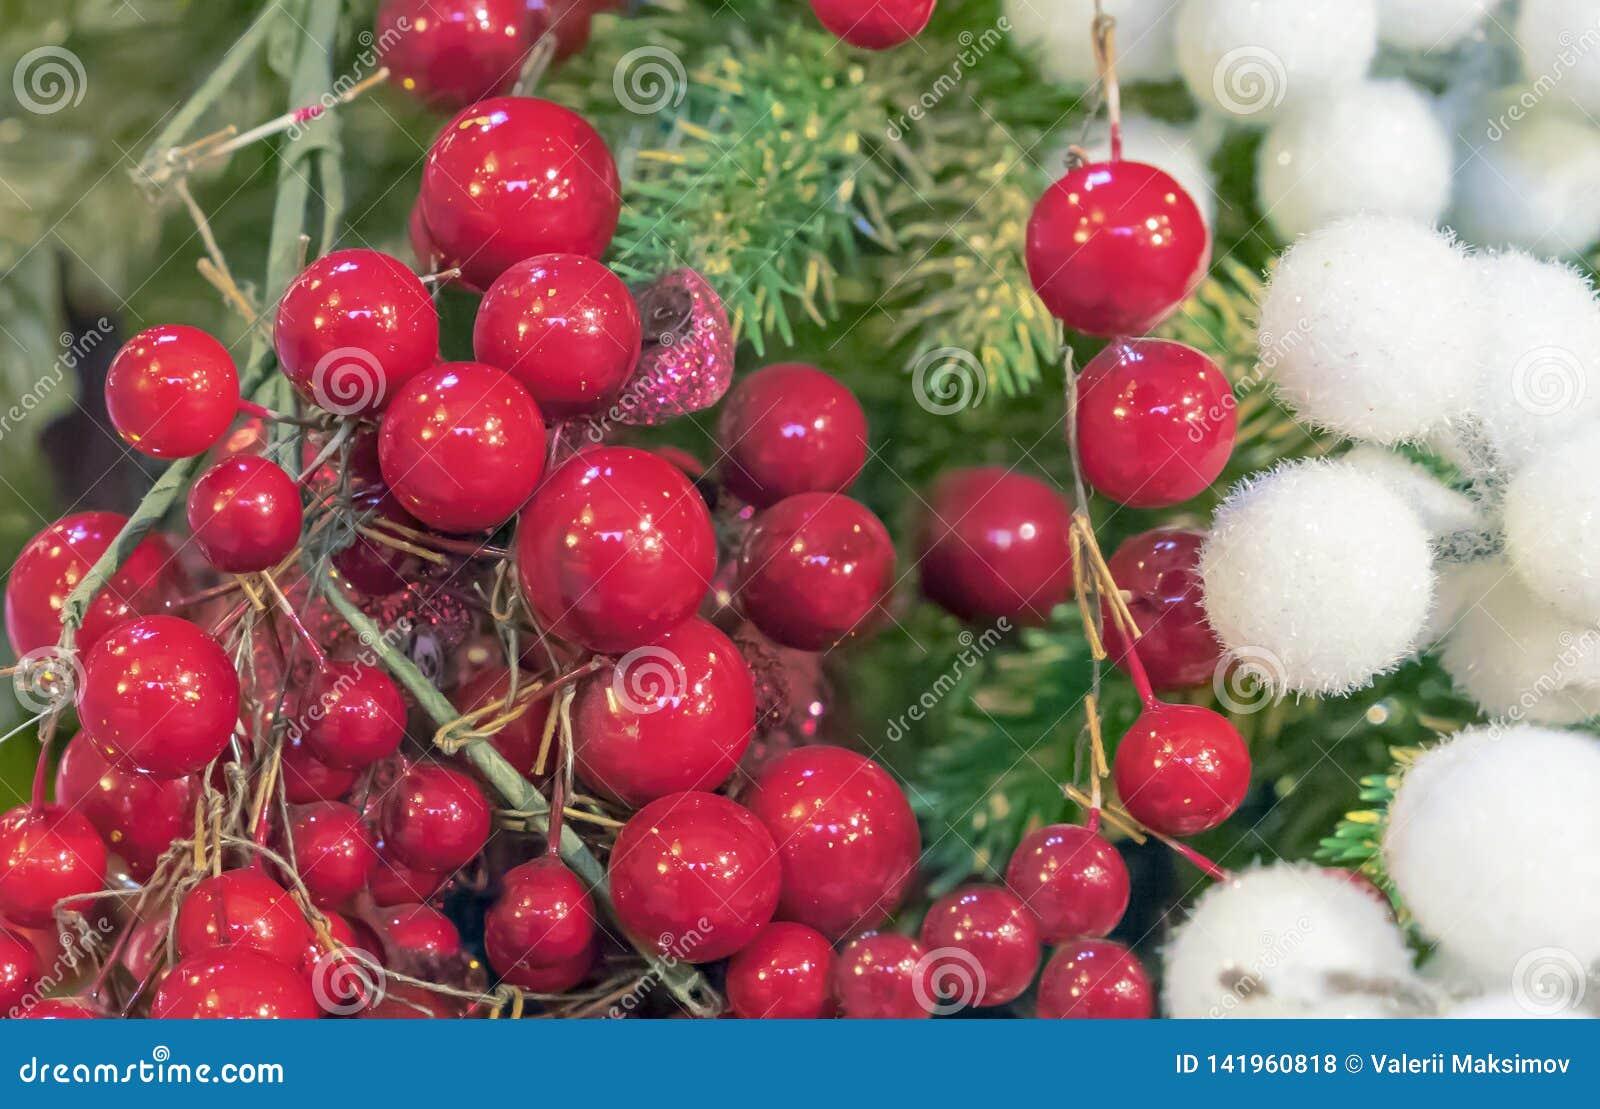 Bayas rojas y bolas mullidas blancas en el fondo del árbol de navidad